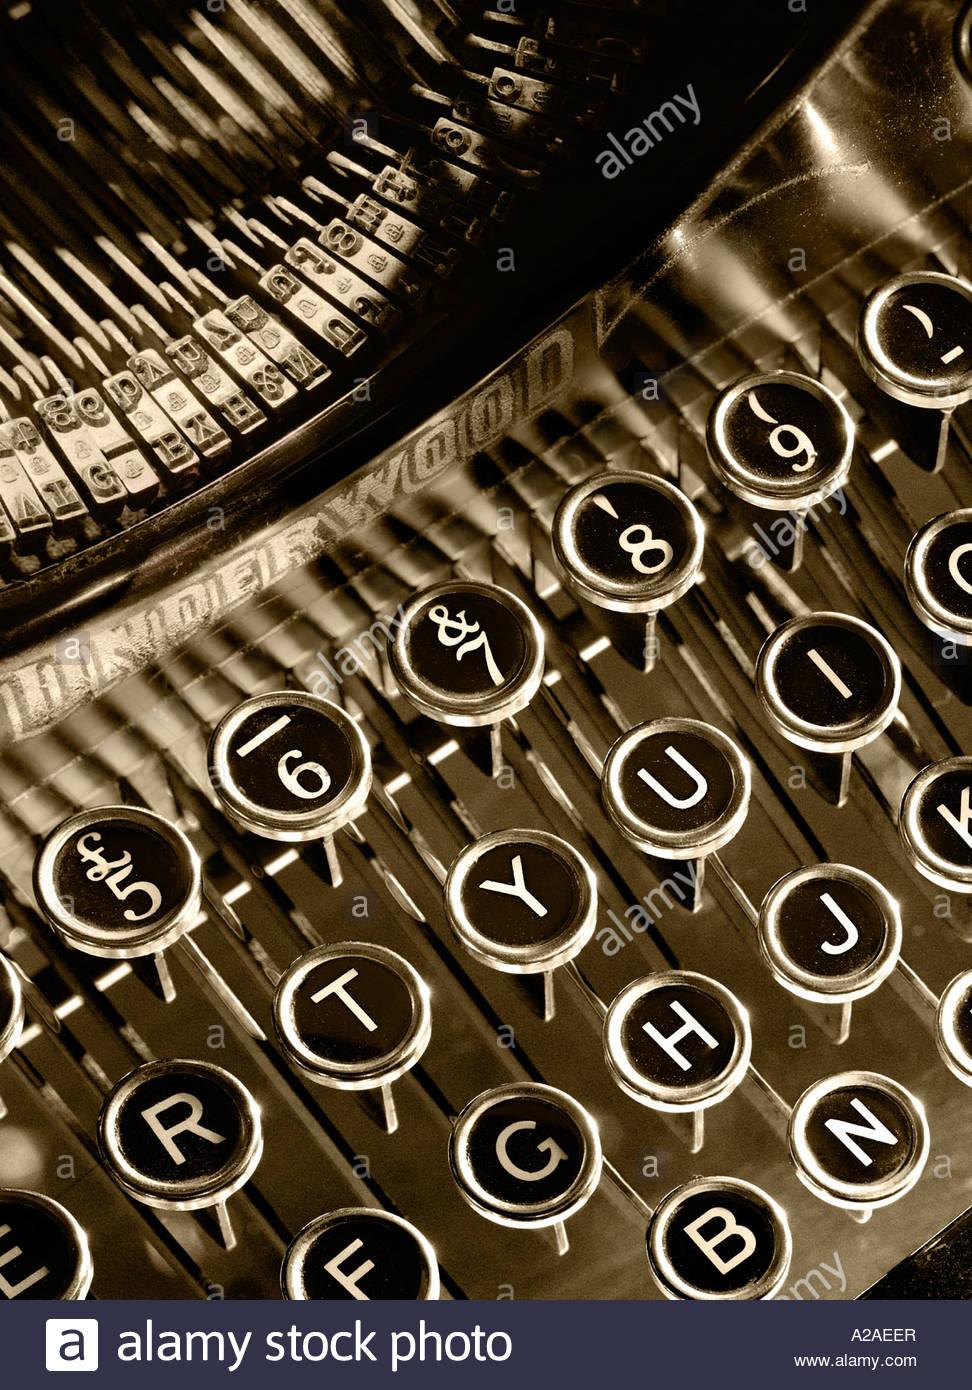 Nahaufnahme der Schlüssel auf einer altmodischen mechanischen Schreibmaschine, monochrome Sepia Behandlung. Stockbild